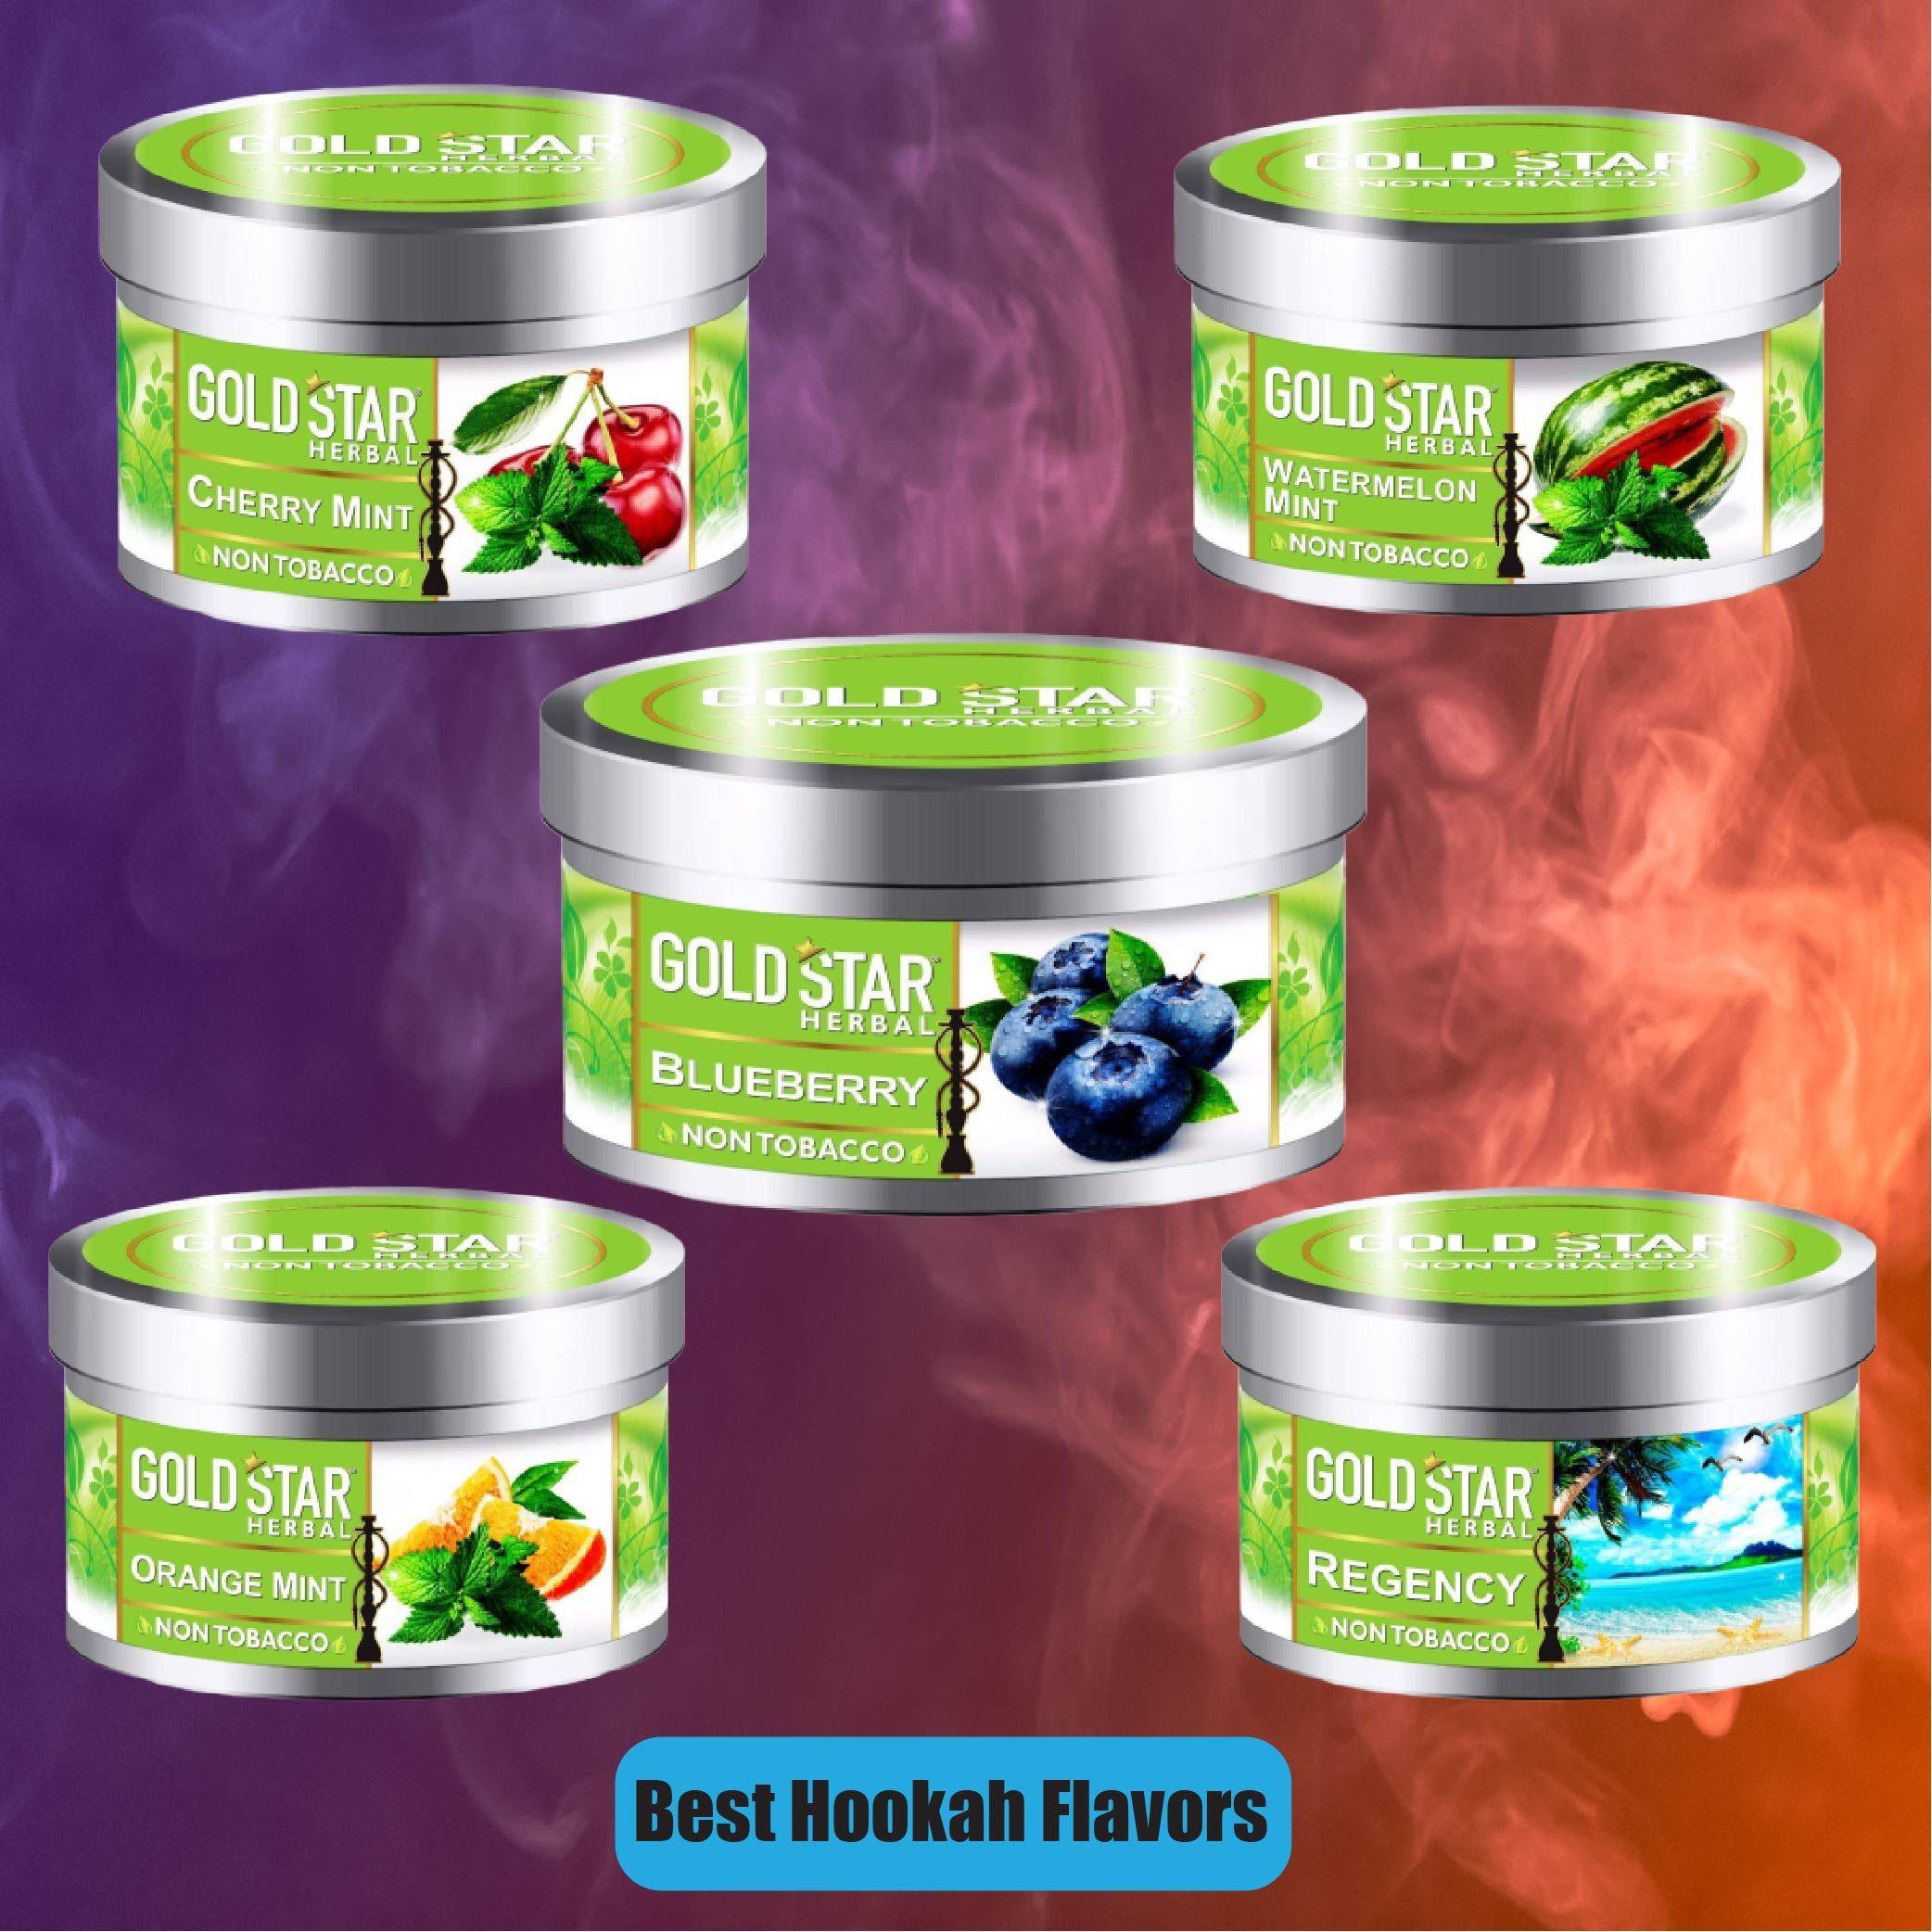 Pin On Best Hookah Flavors